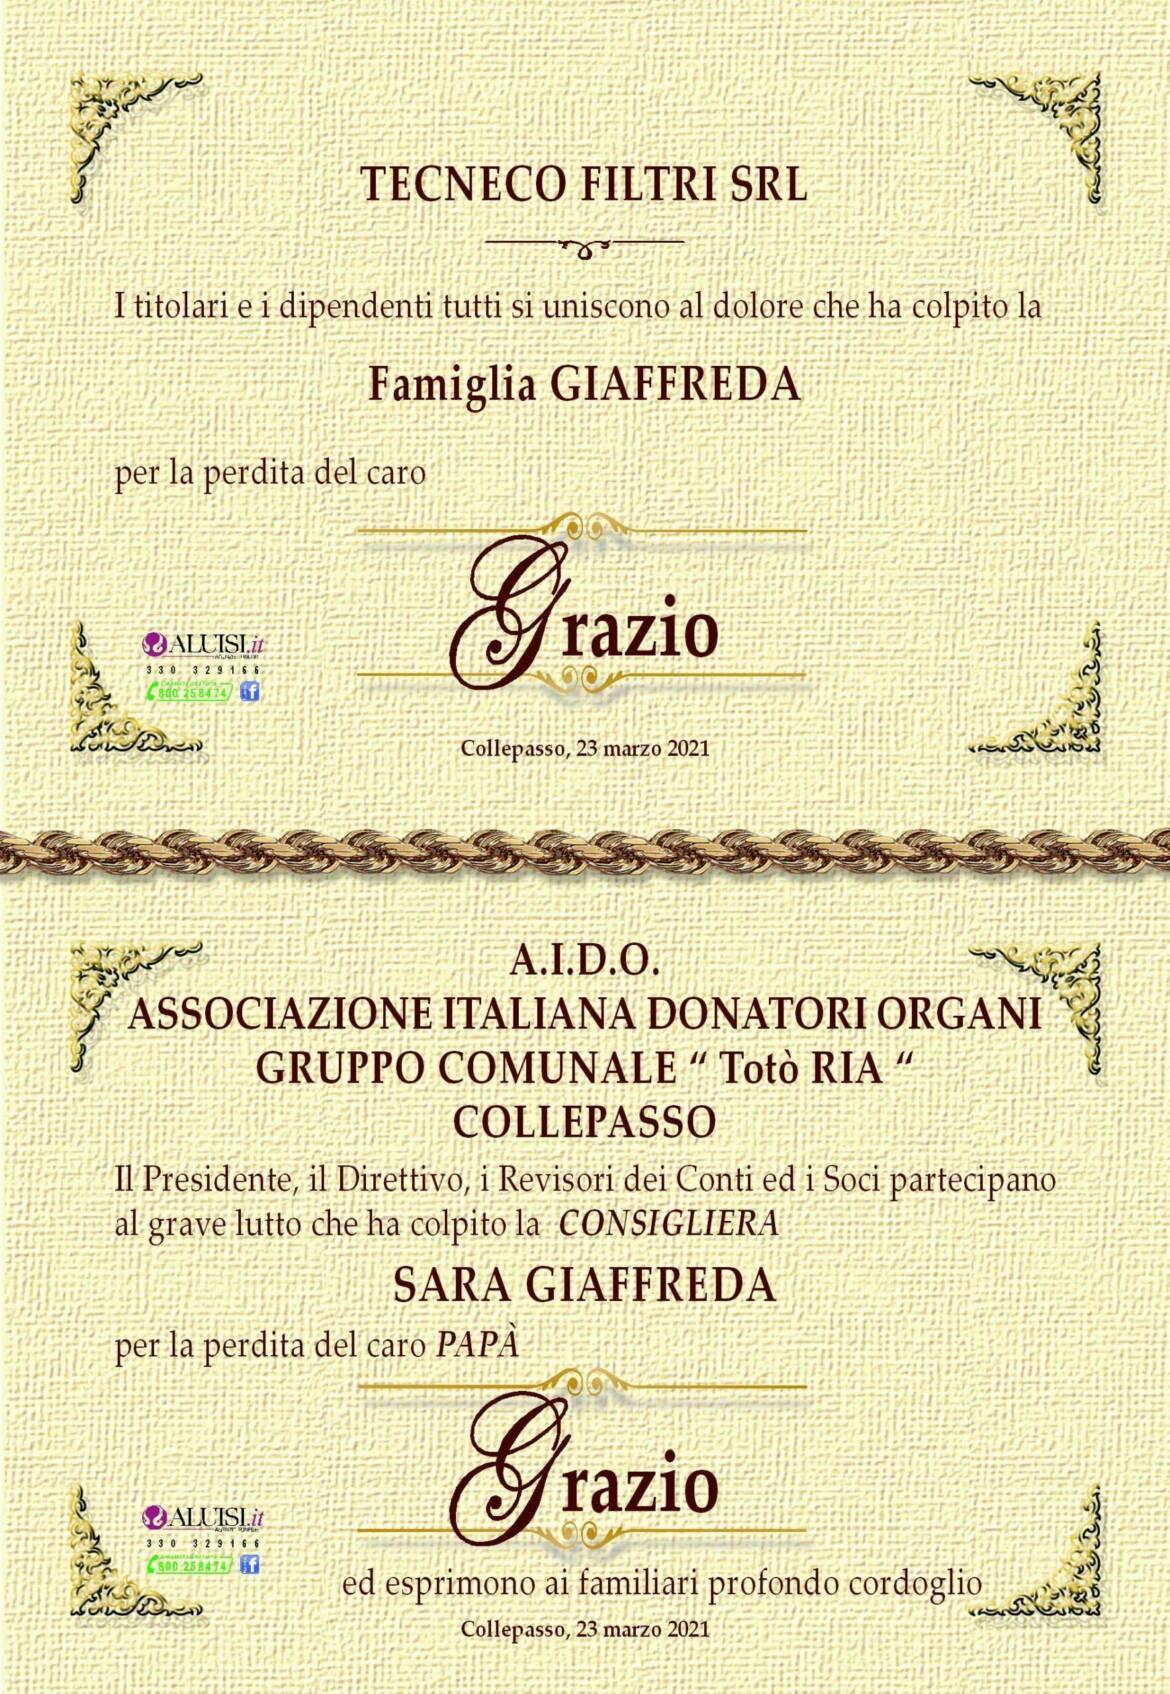 partecipazione-grazio-collepasso1-scaled.jpg